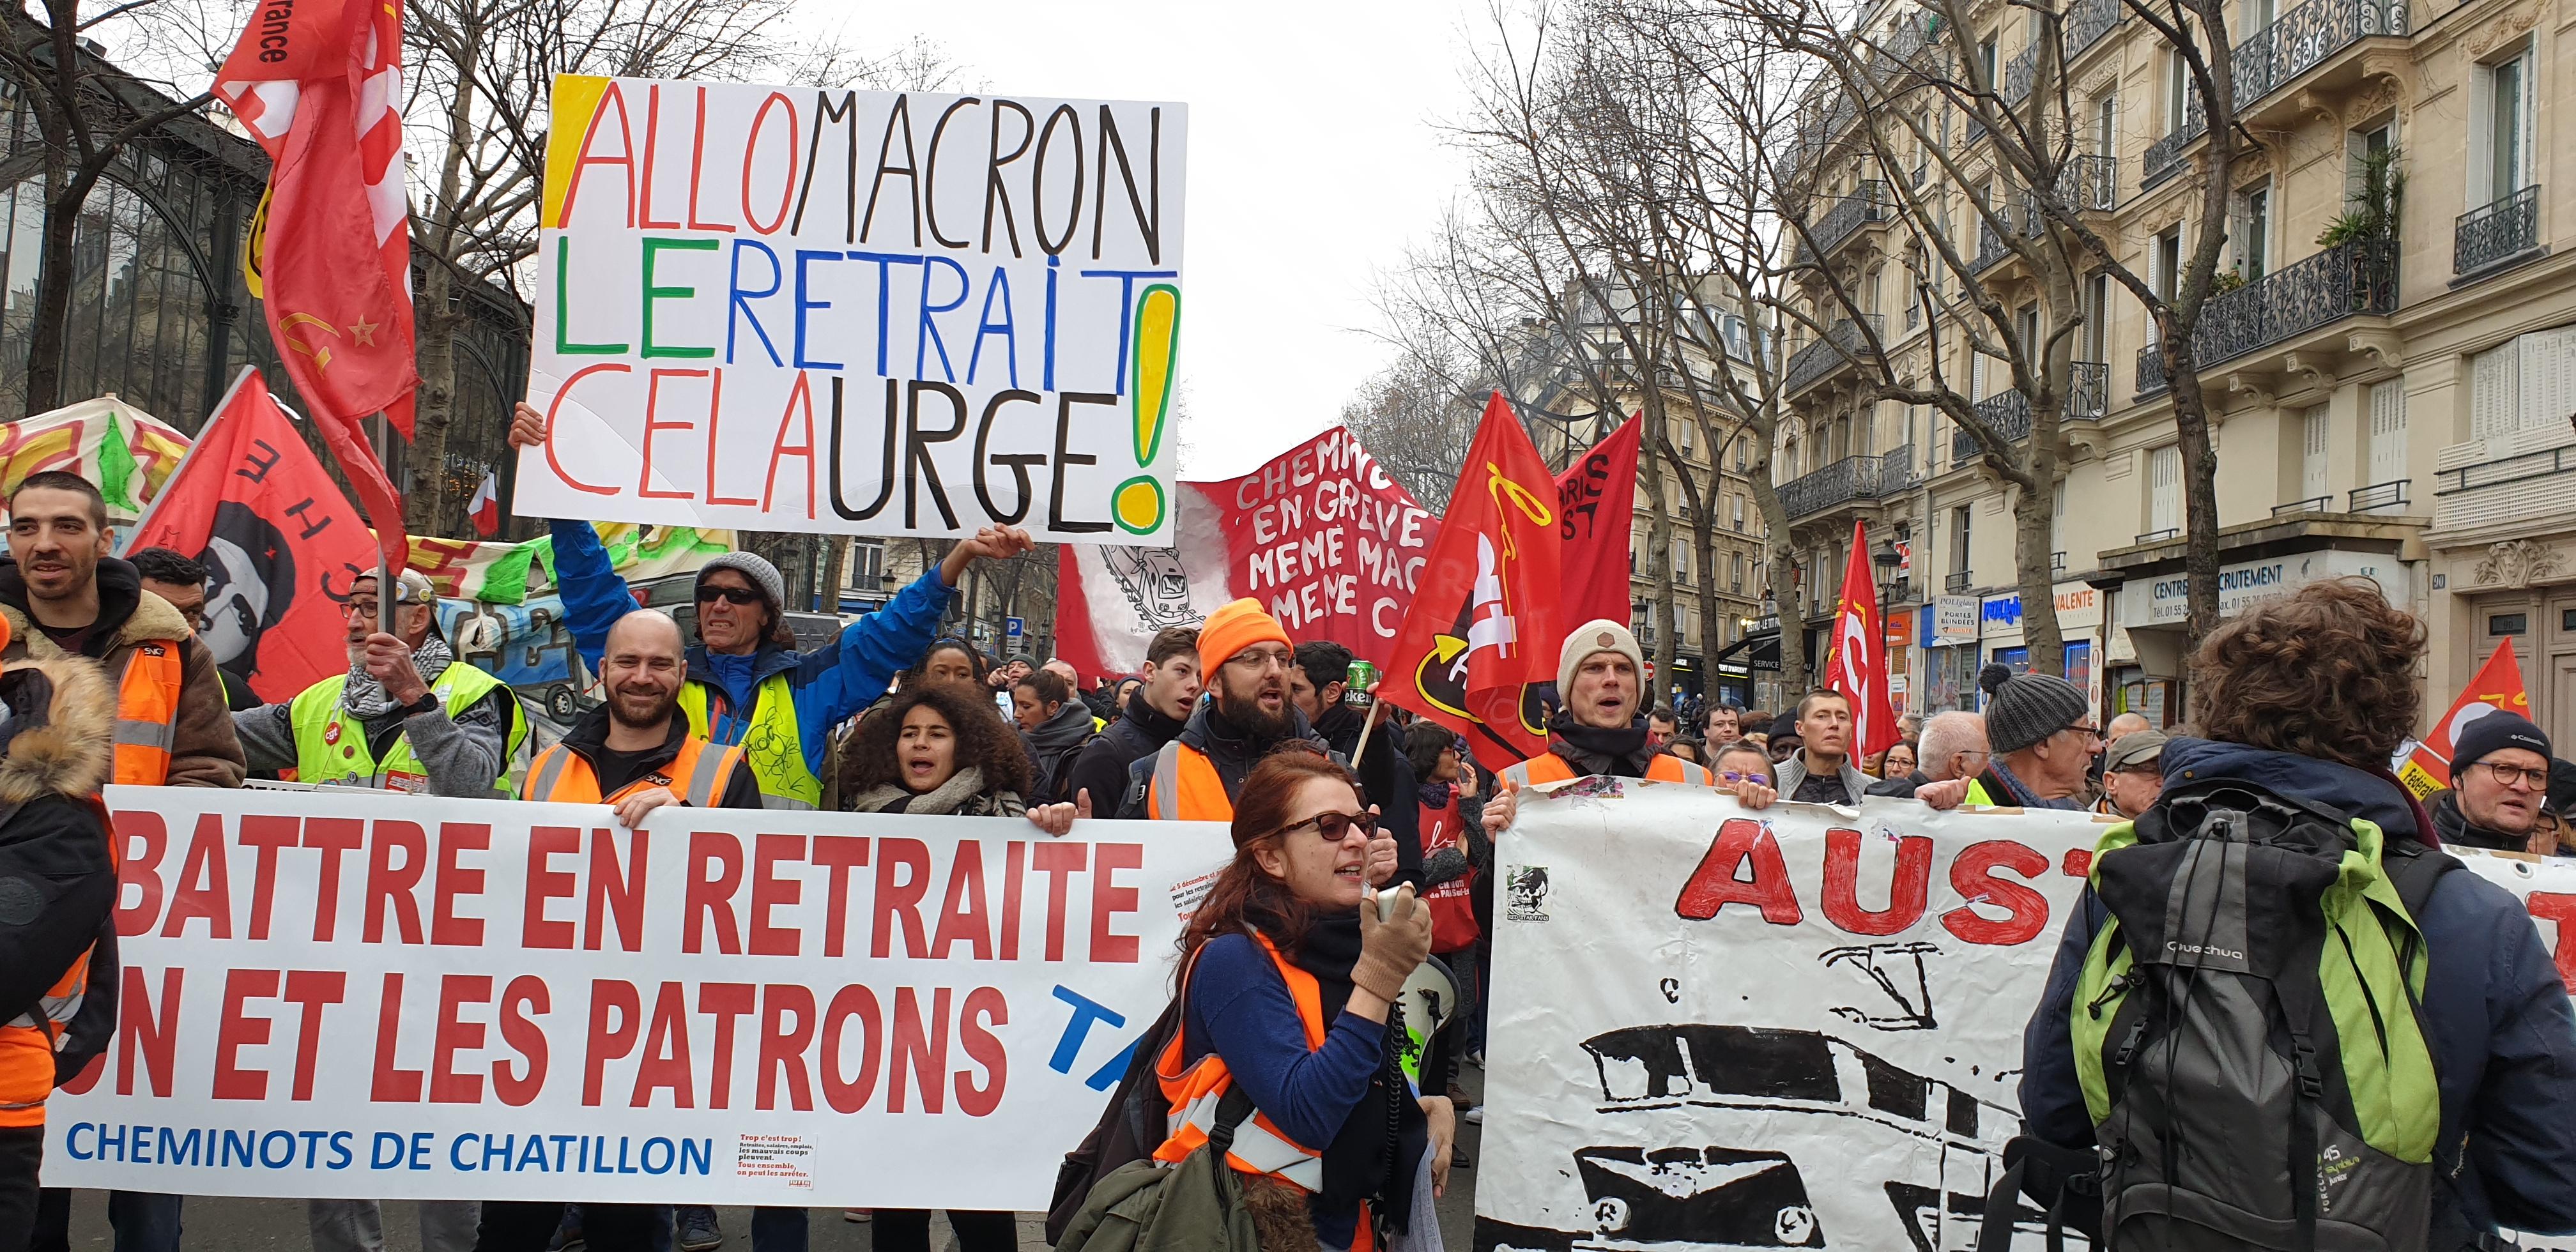 File Cheminots En Greve Manifestation Contre Le Projet De Reforme Des Retraites Paris 28 Decembre 2019 49519626498 Jpg Wikimedia Commons